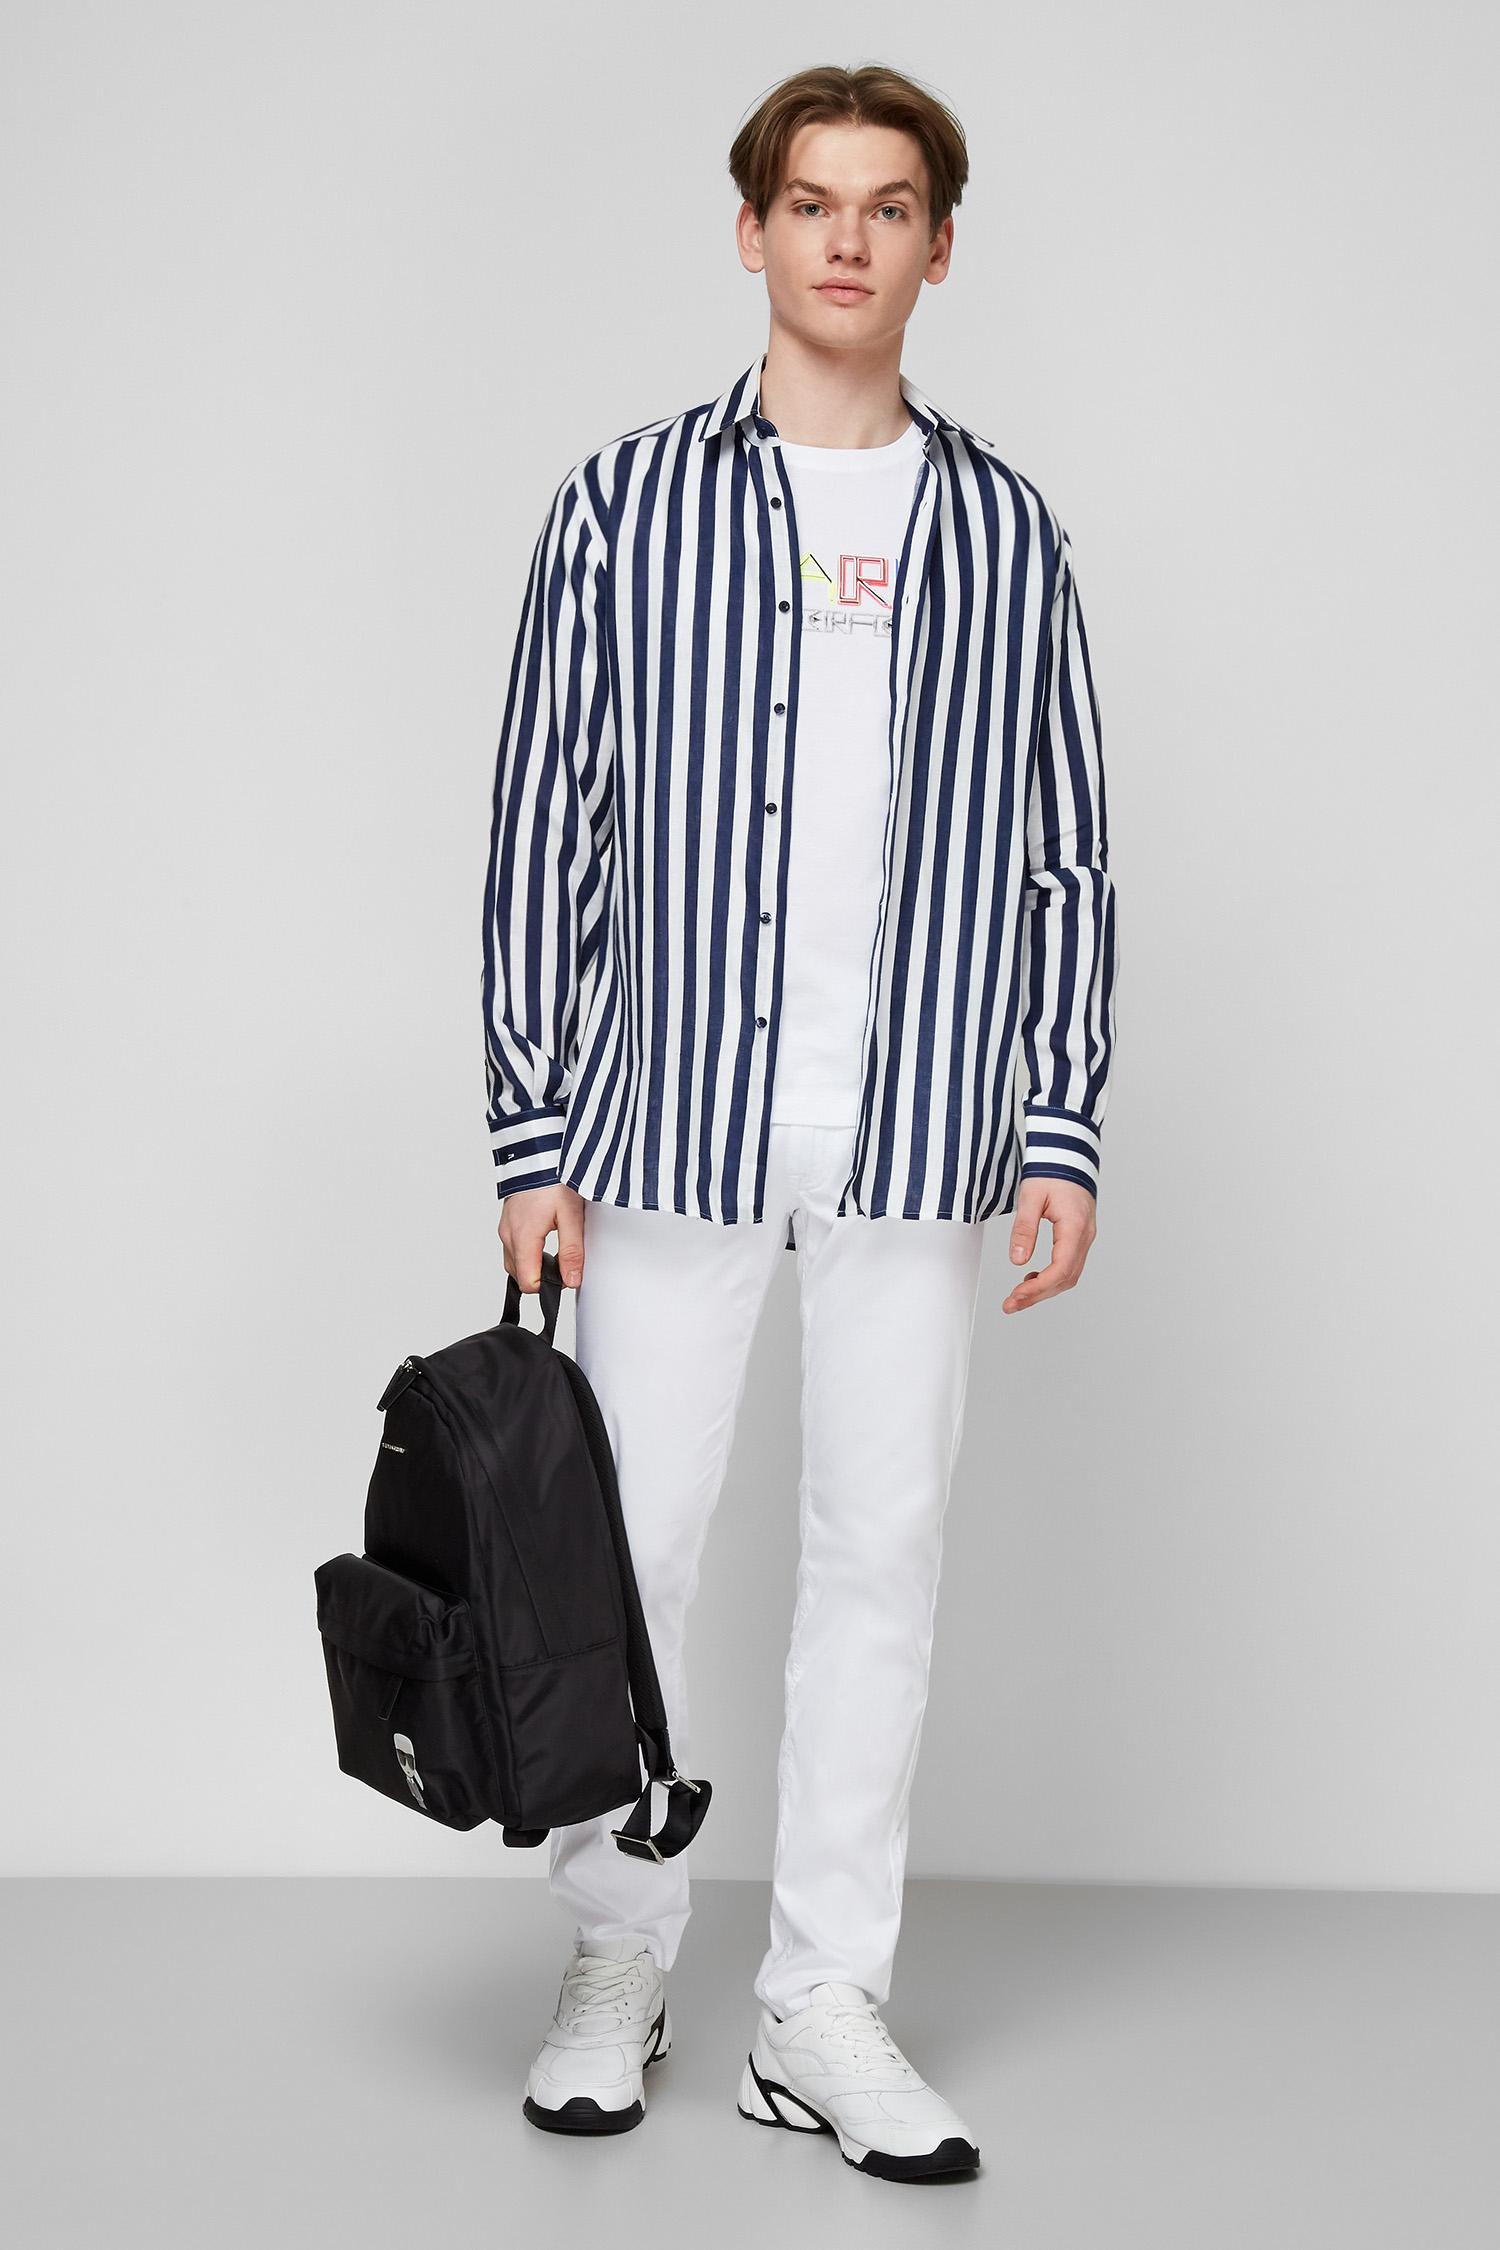 Льняная рубашка в полоску для парней Karl Lagerfeld 511604.605000;690